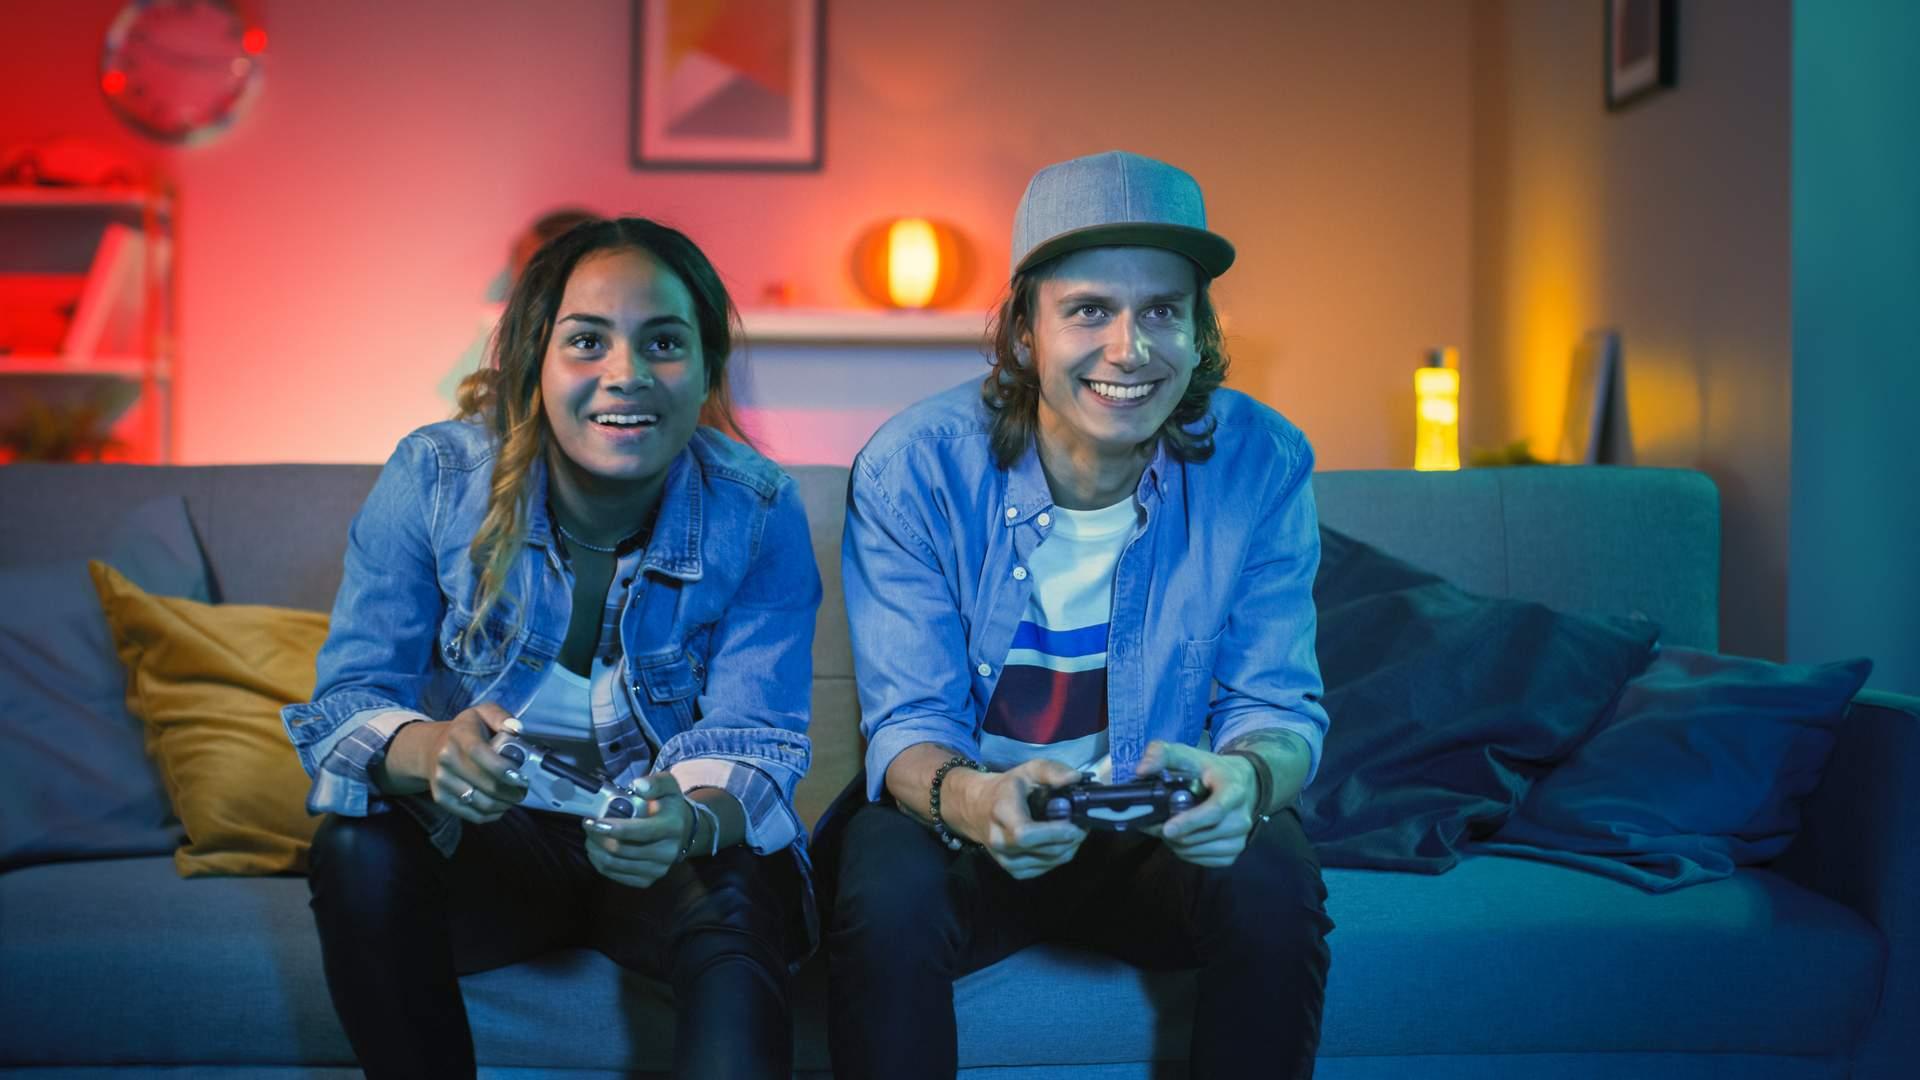 O GeForce Now também possibilitará jogar pela nuvem com controles de PlayStation e Xbox, para quem prefere jogar no sofá (Fonte: Shutterstock/Gorodenkoff)